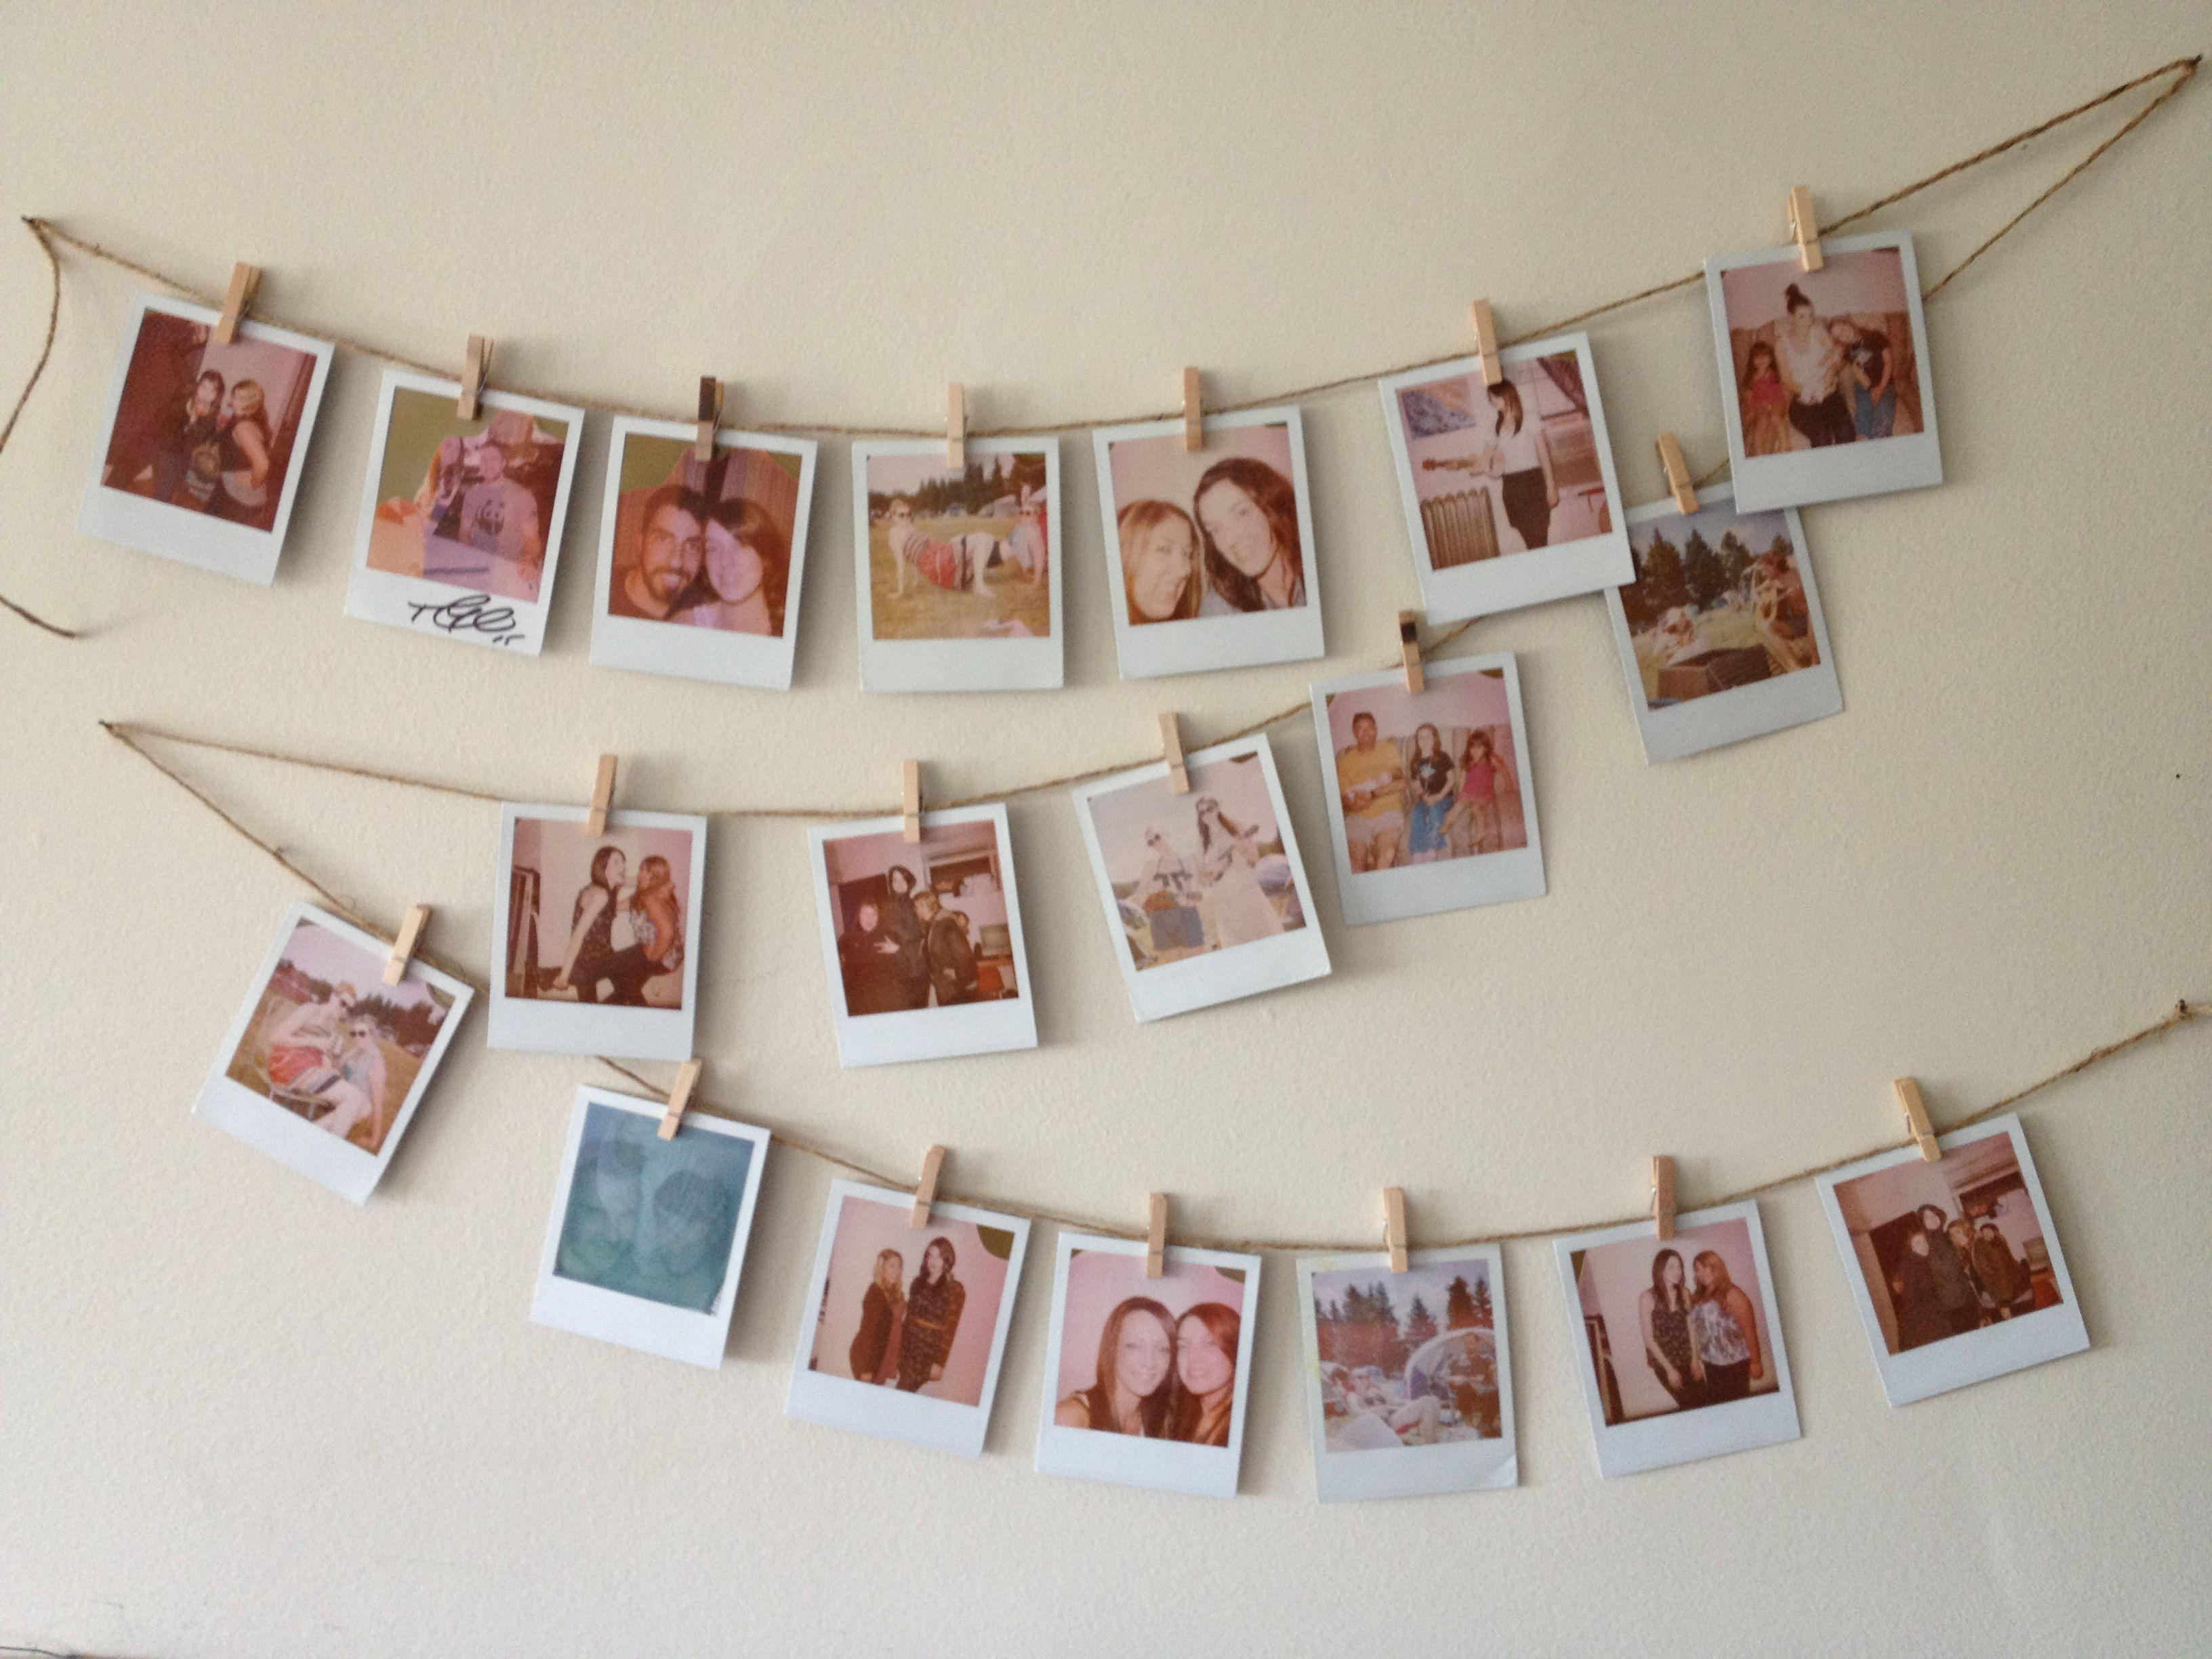 Pin Von Aysel Baxsiyeva Auf A House Is A Home Diy Fotowand Fotos Aufhängen Bilder Aufhängen